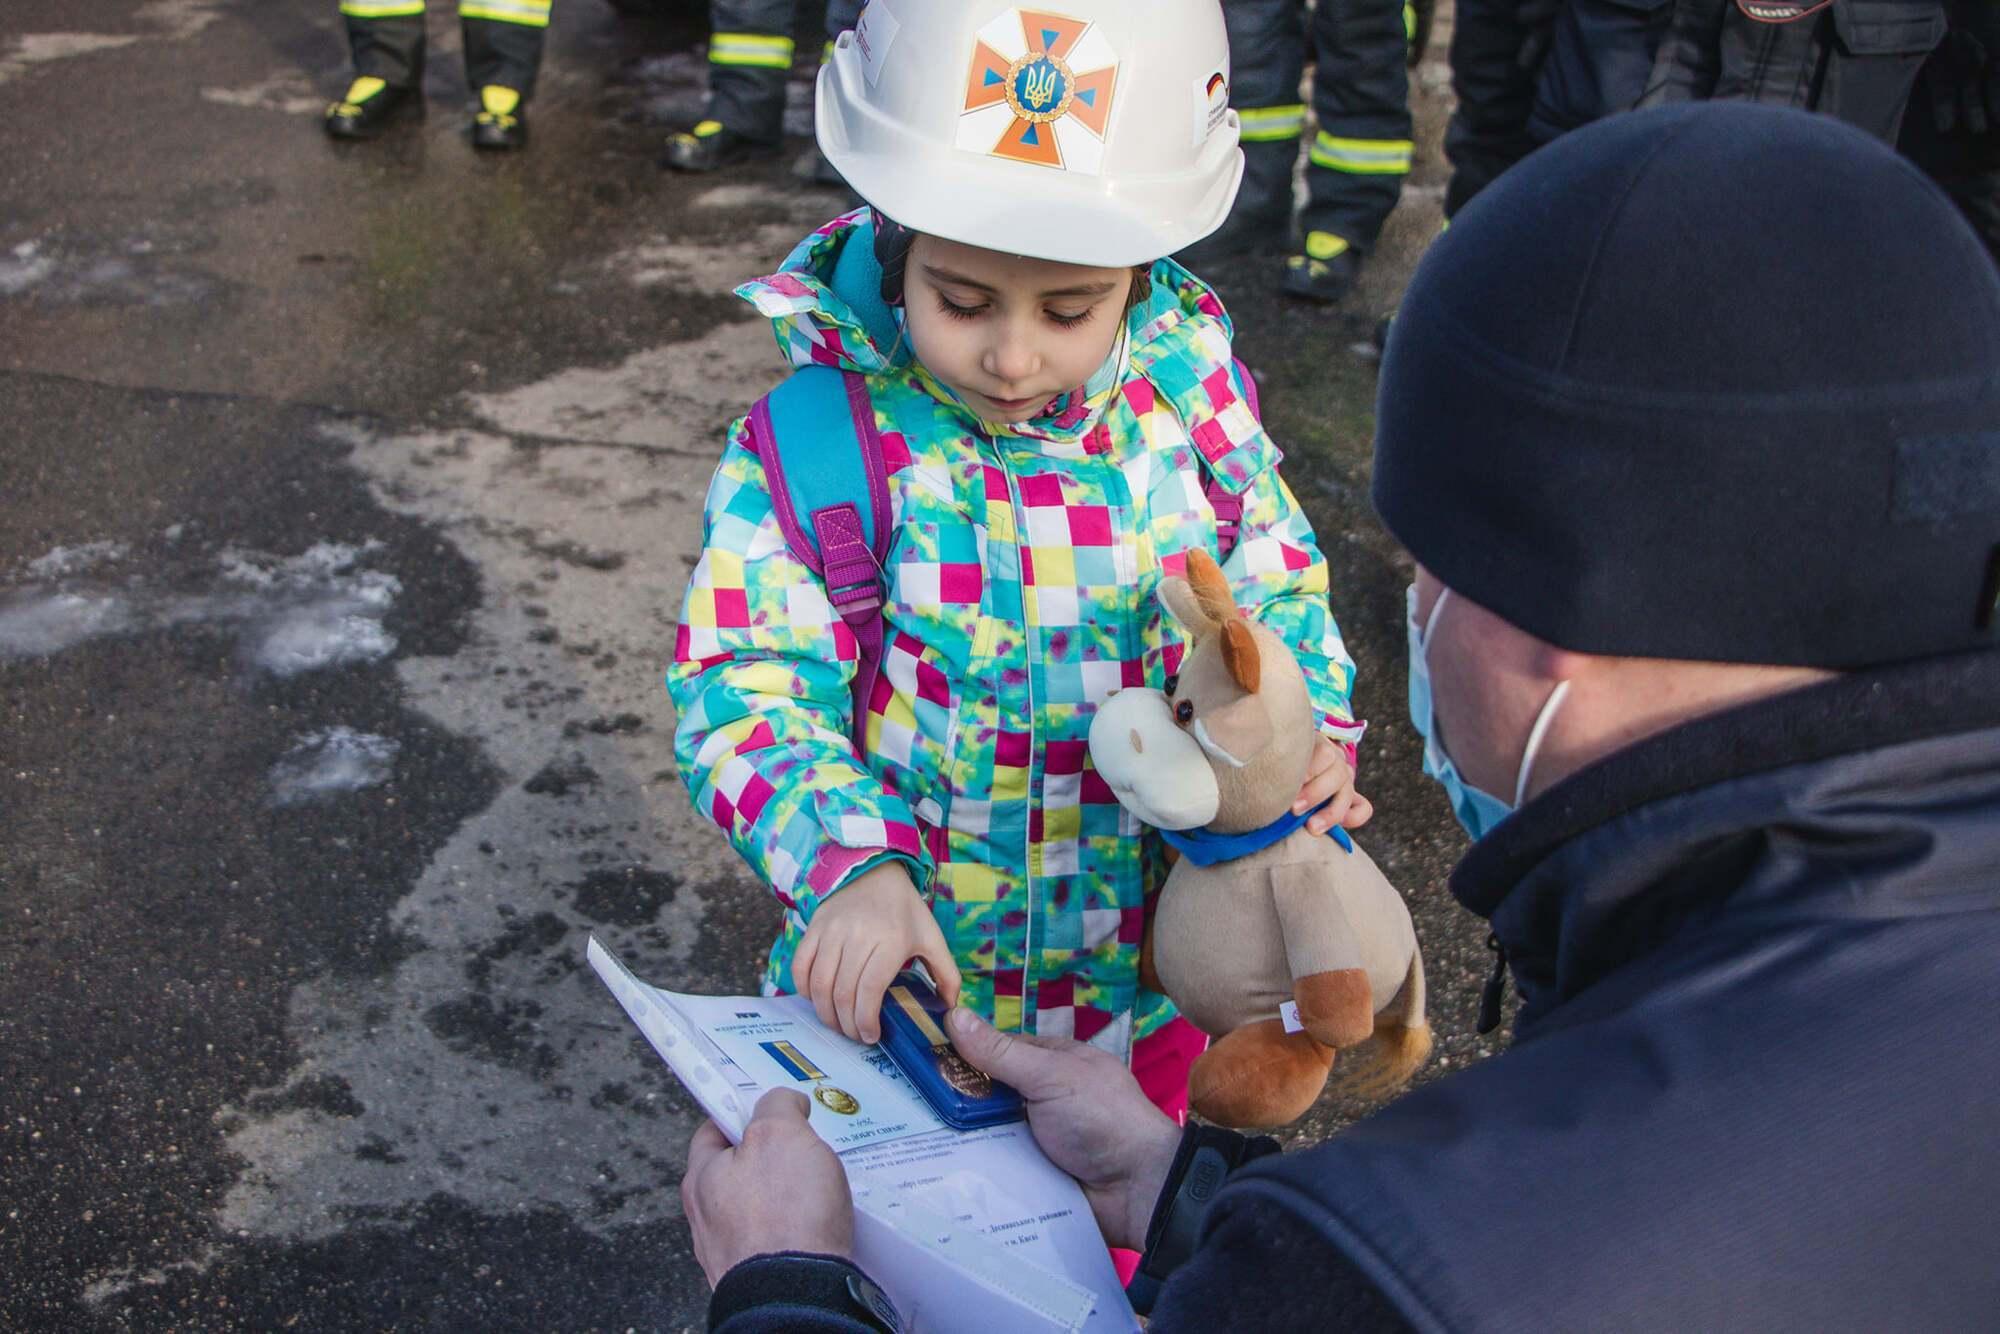 Дитині провели екскурсію по пожежній частині.